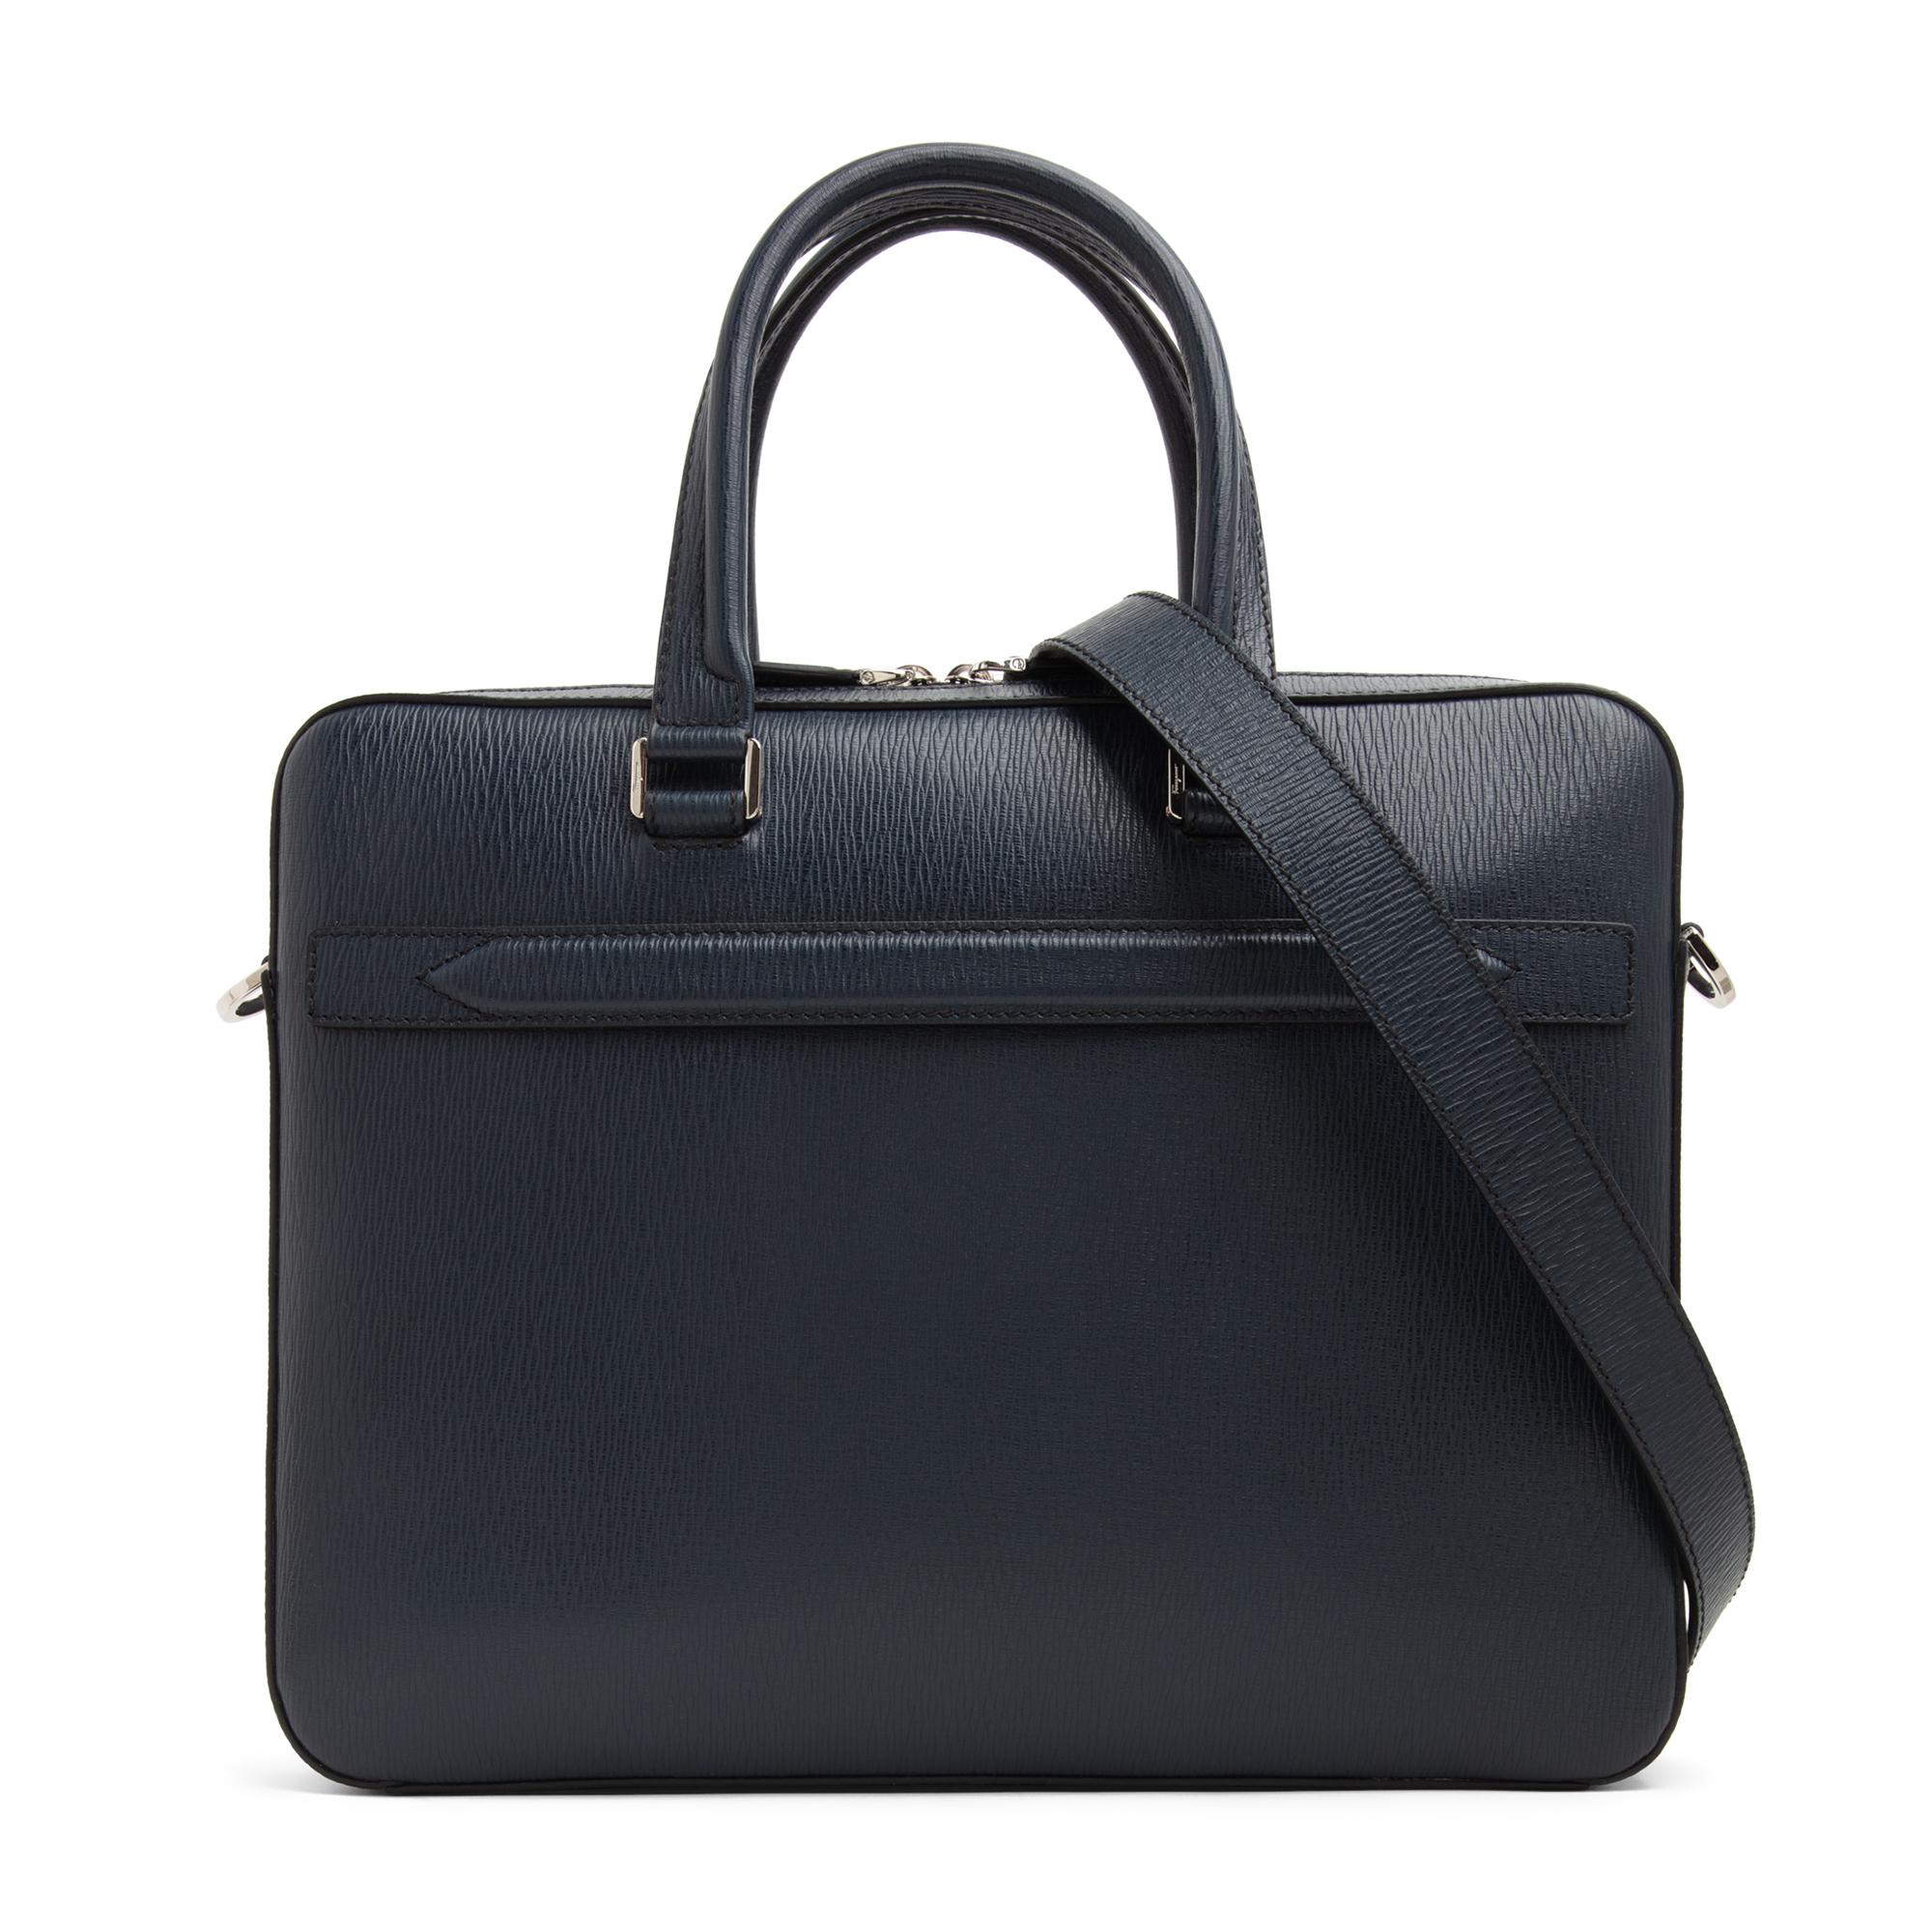 Revival 3.0 briefcase